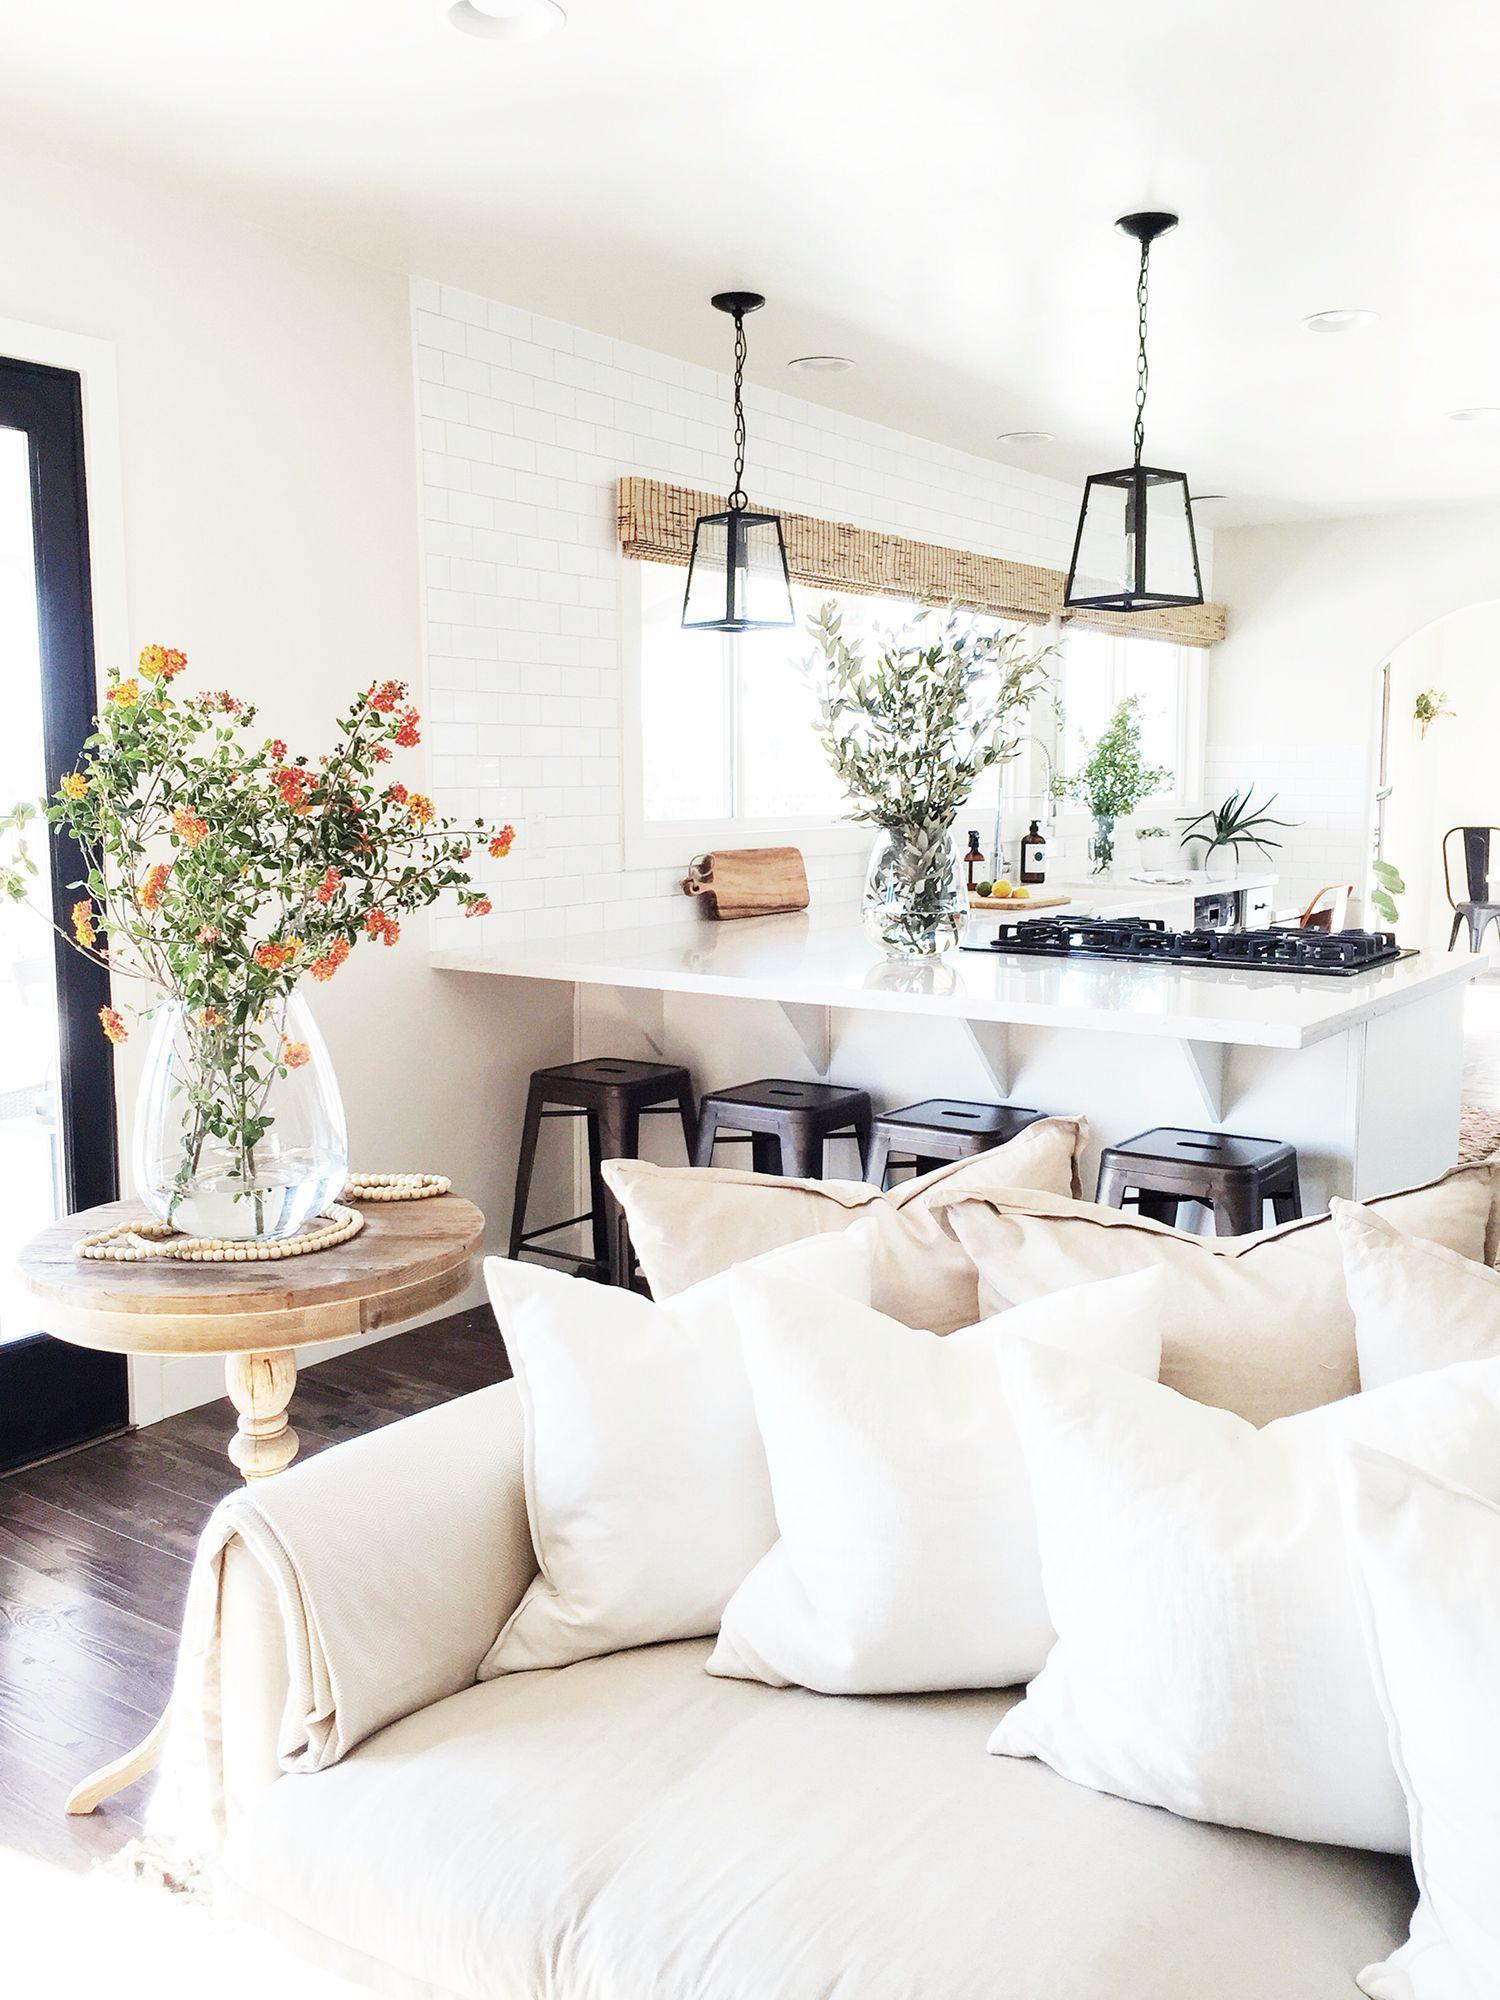 clean slate | Clean Living | Pinterest | Clean slate, Slate and ...